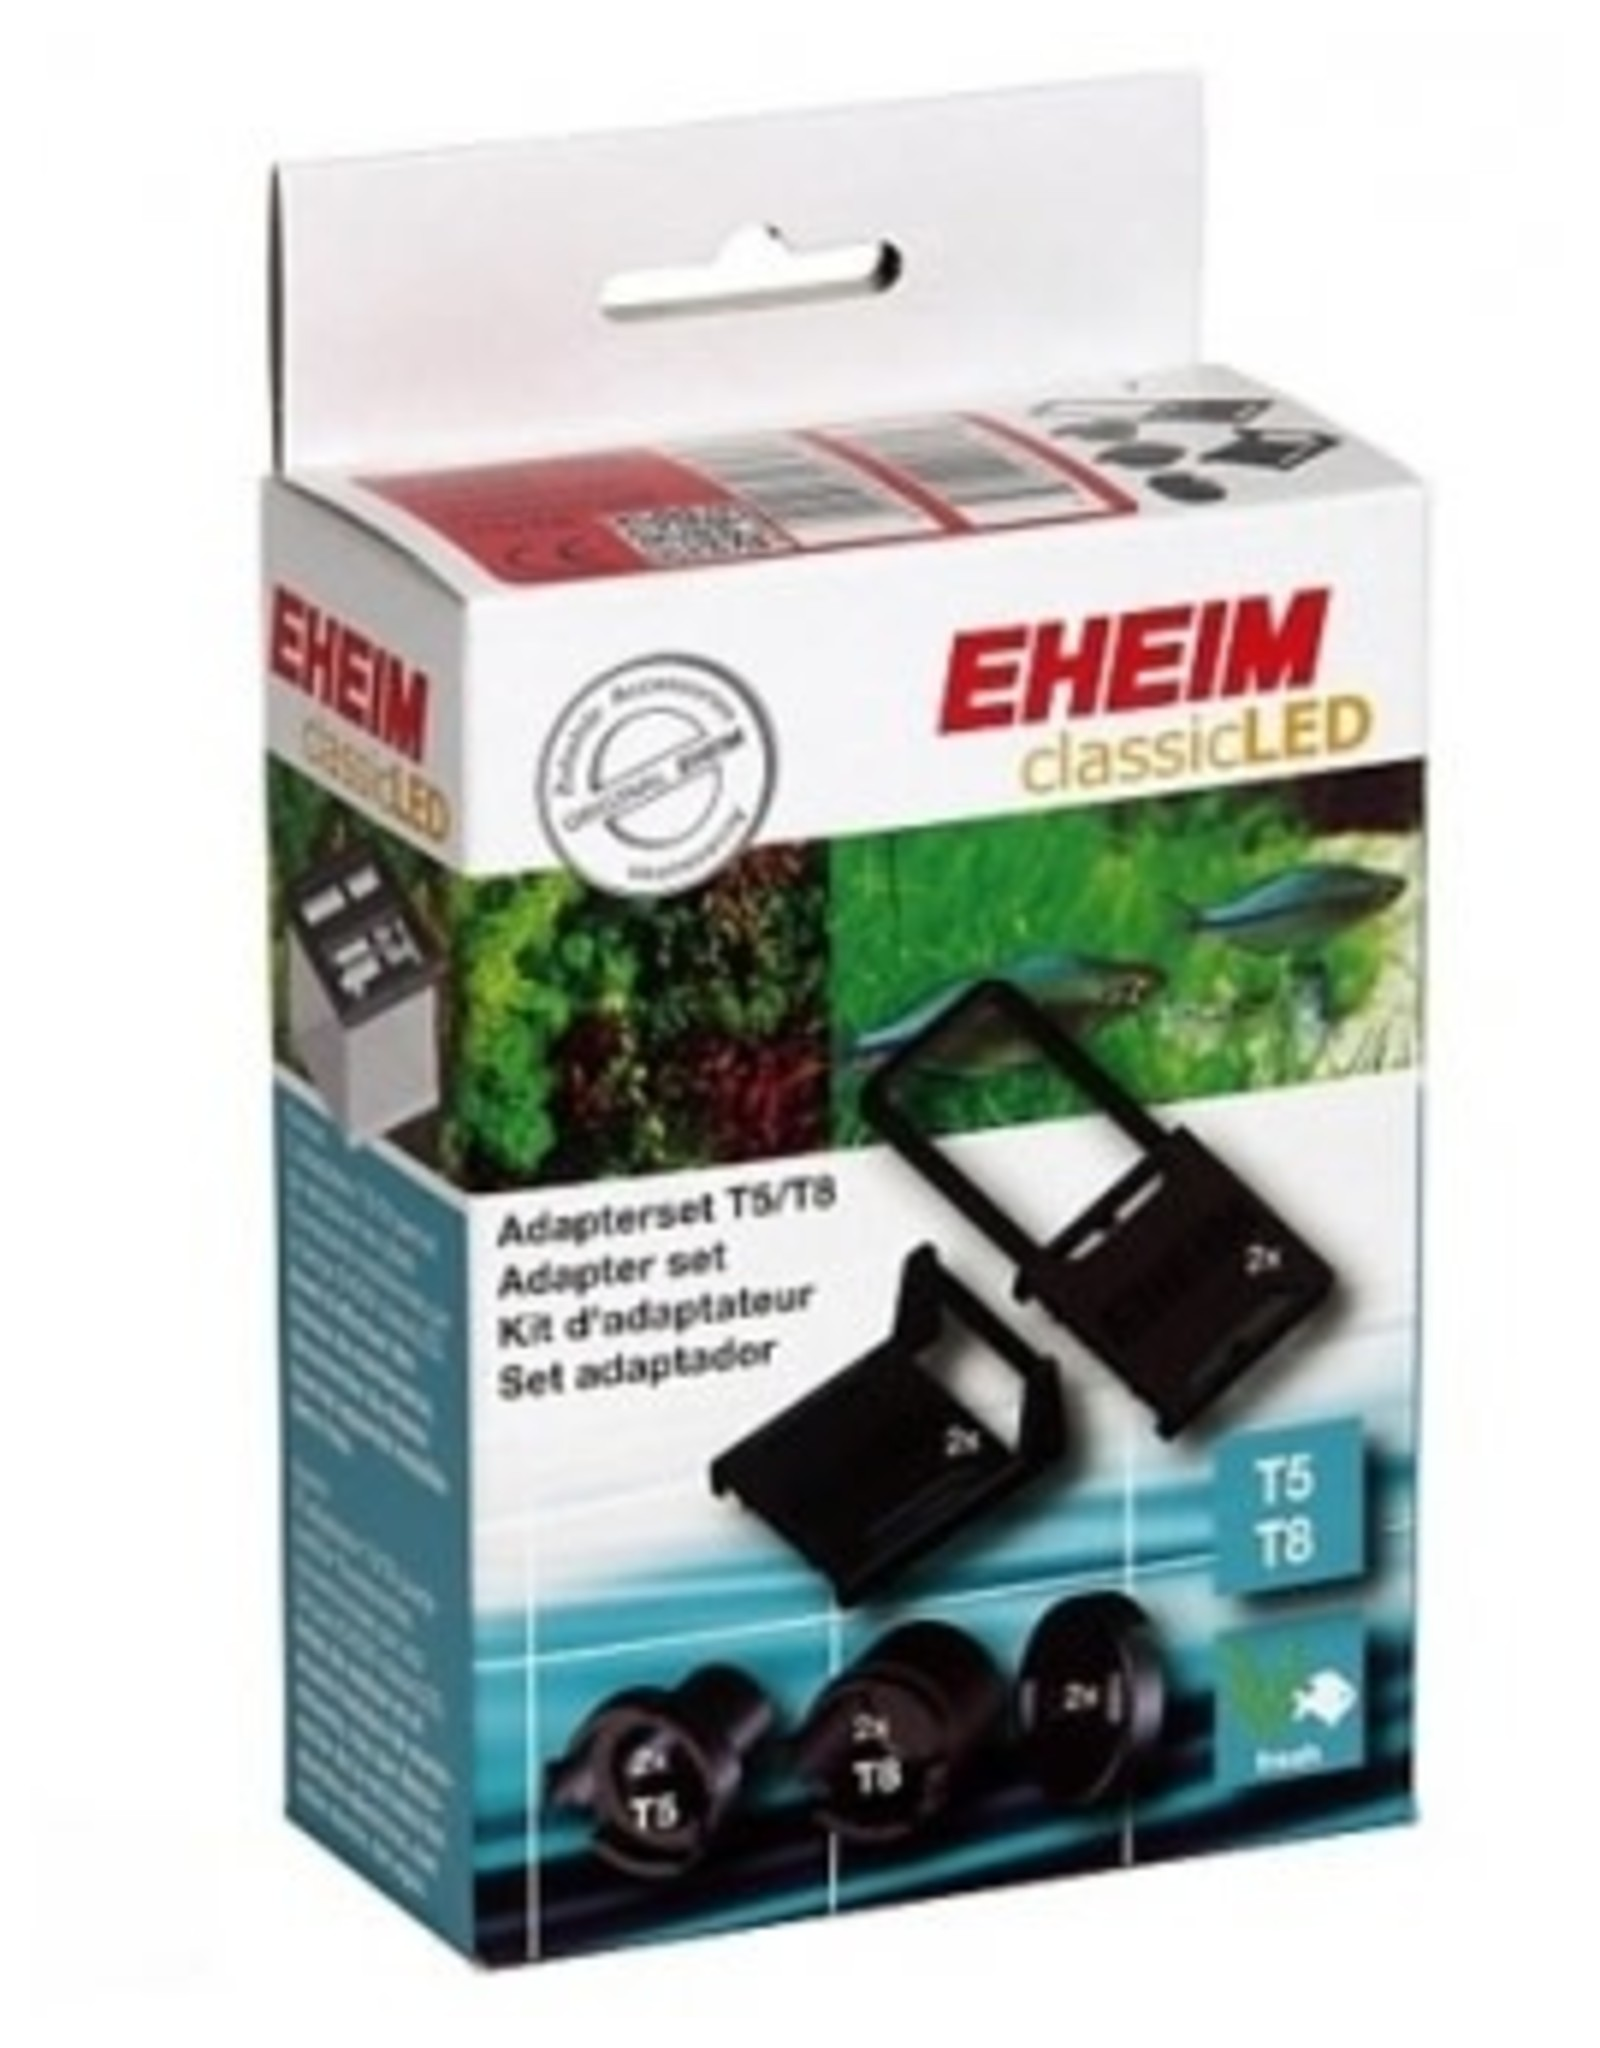 Eheim Adaptateur T5/T8 pour Classic LED EHEIM